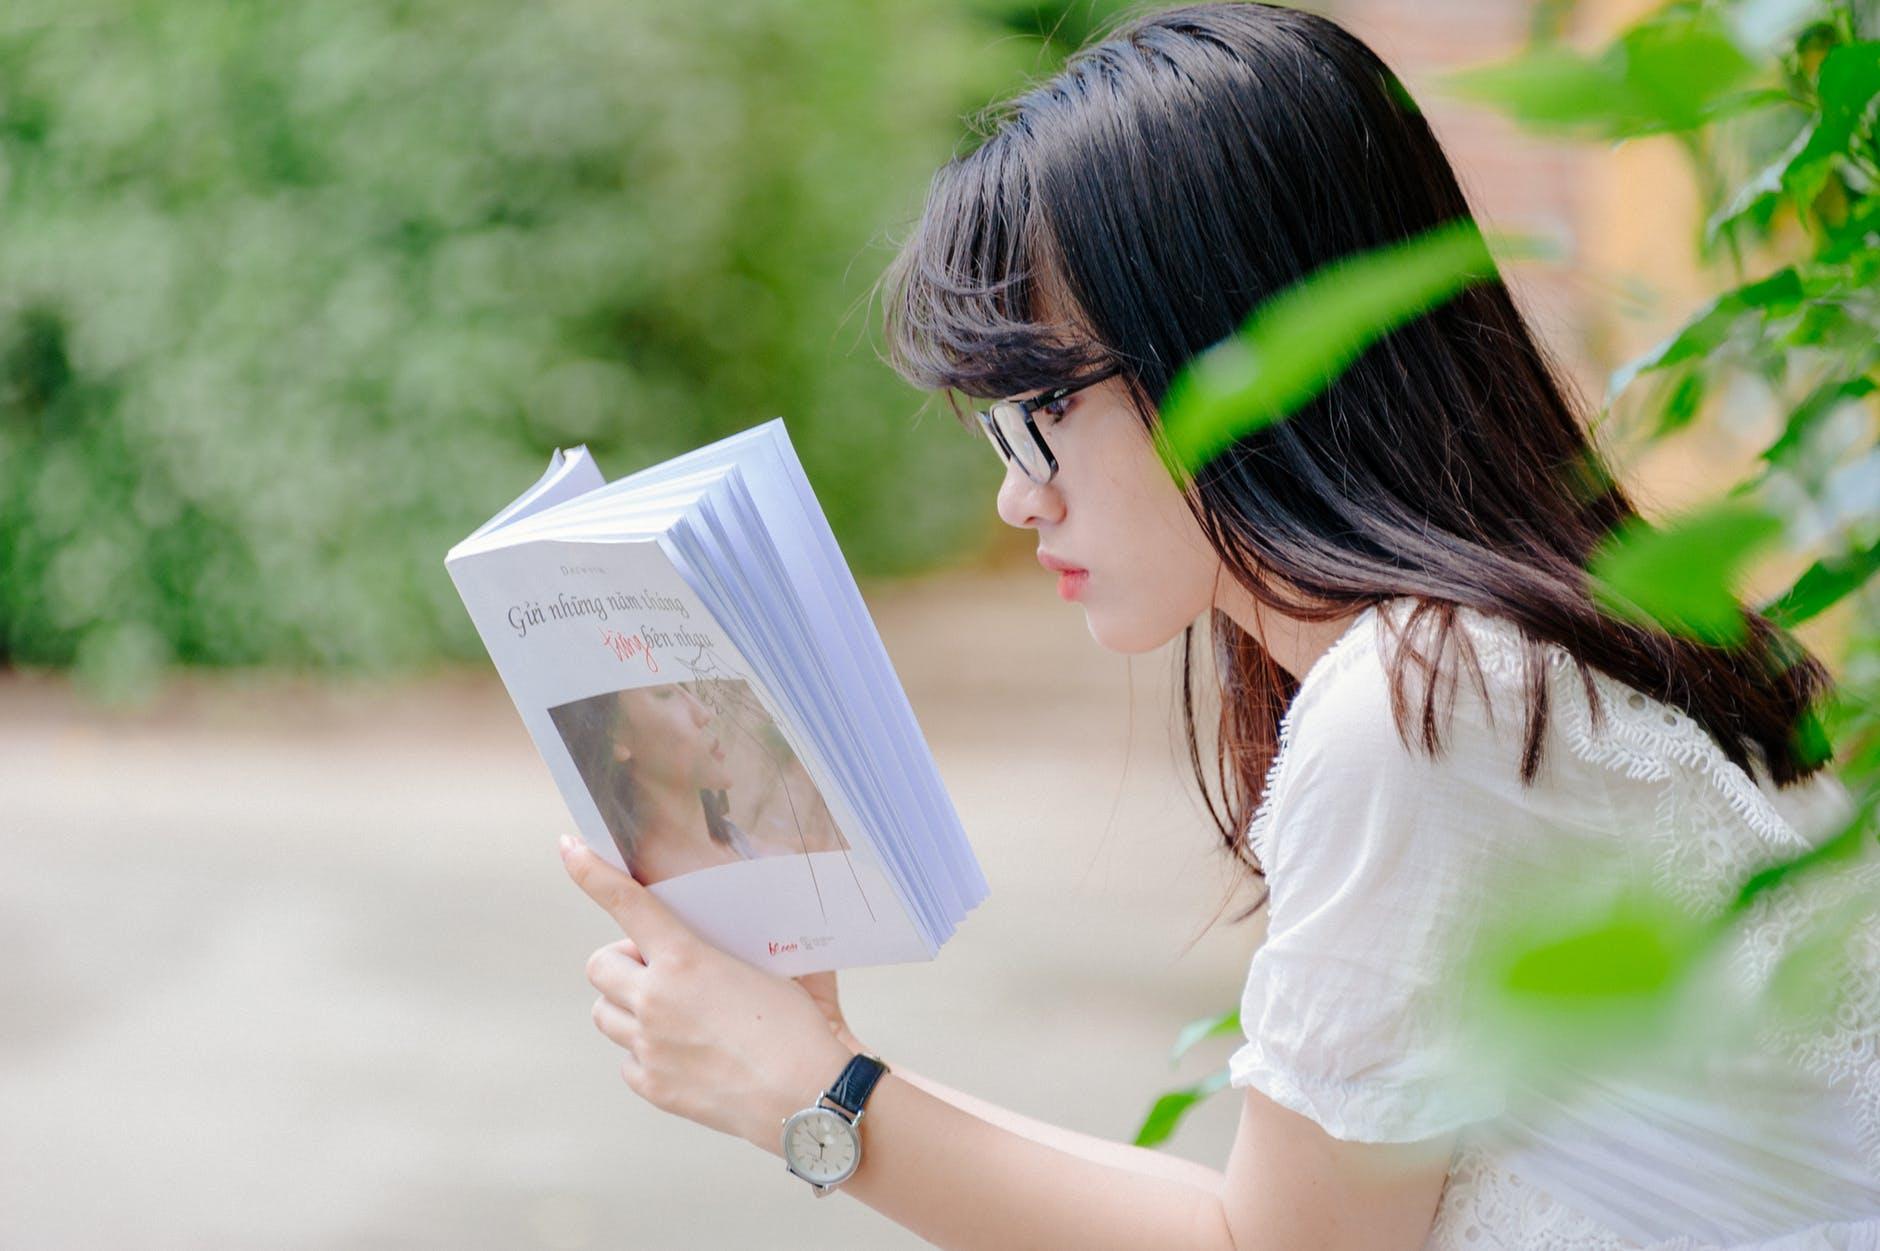 Como Ler um Livro: Todos Os Segredos Revelados!